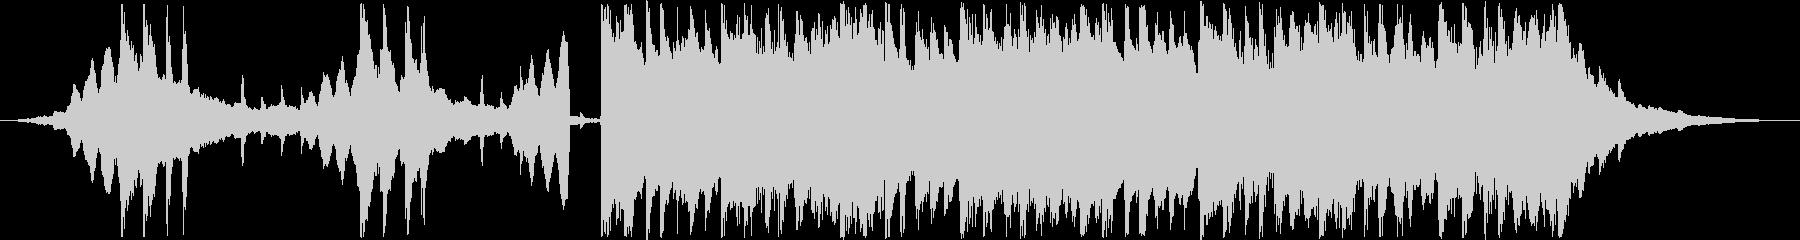 30秒CM用、未来的、スタイリッシュの未再生の波形